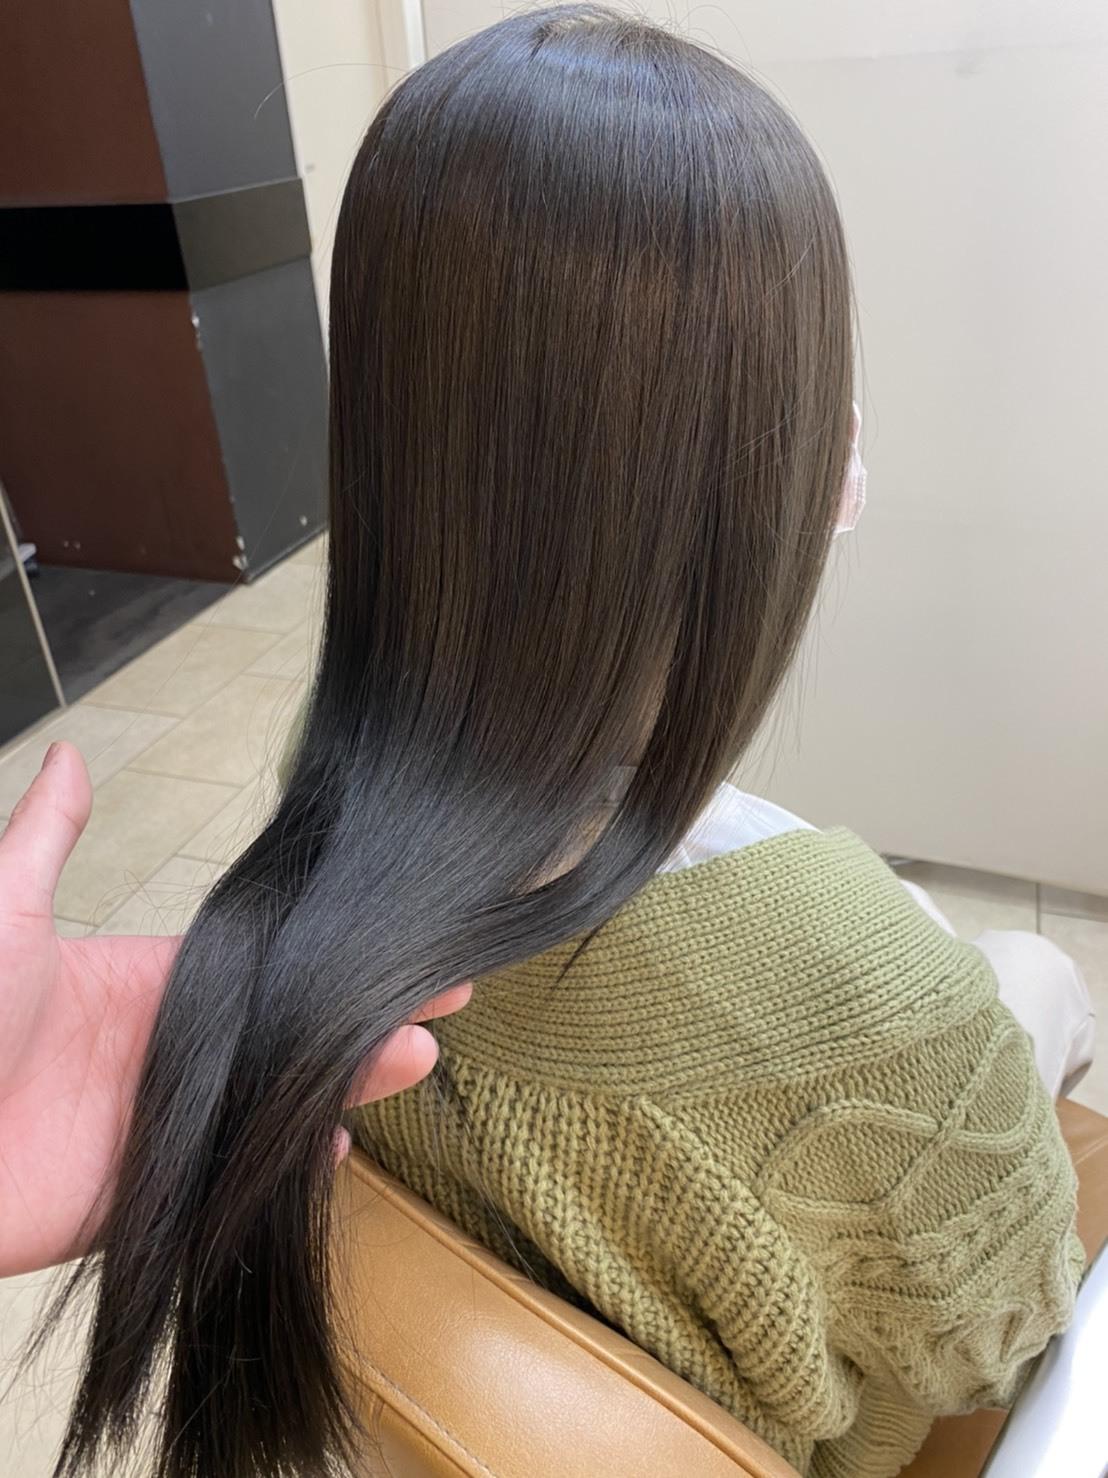 縮毛矯正・ストレートでサラ艶髪へ